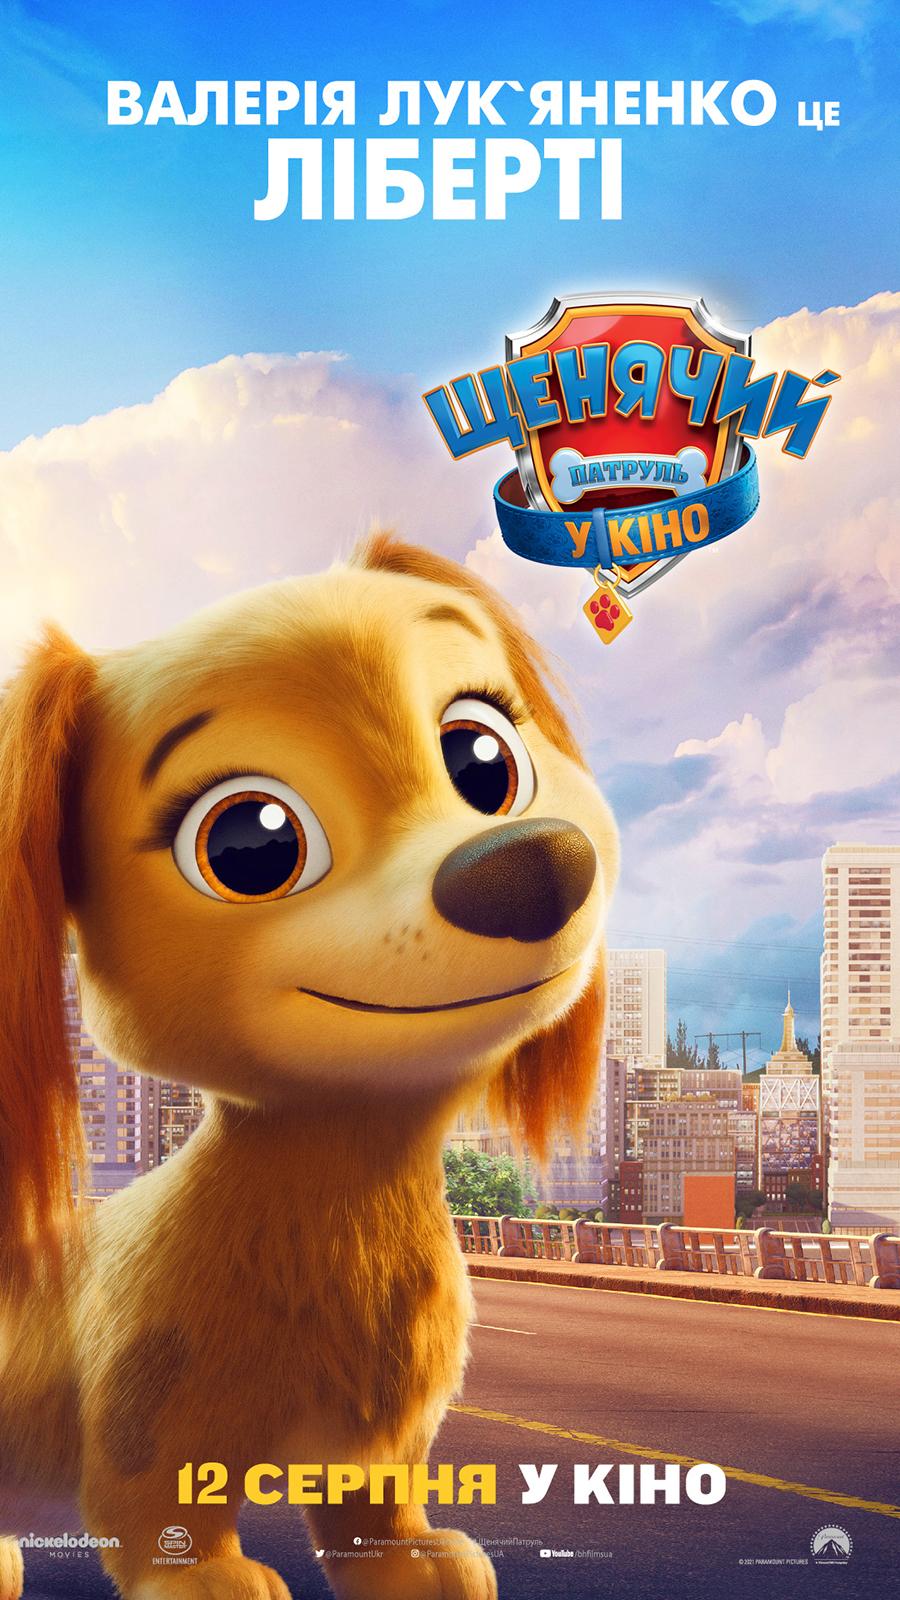 егор гордеев саша александра пустовит sashaabo щенячий патруль в кино что посмотреть